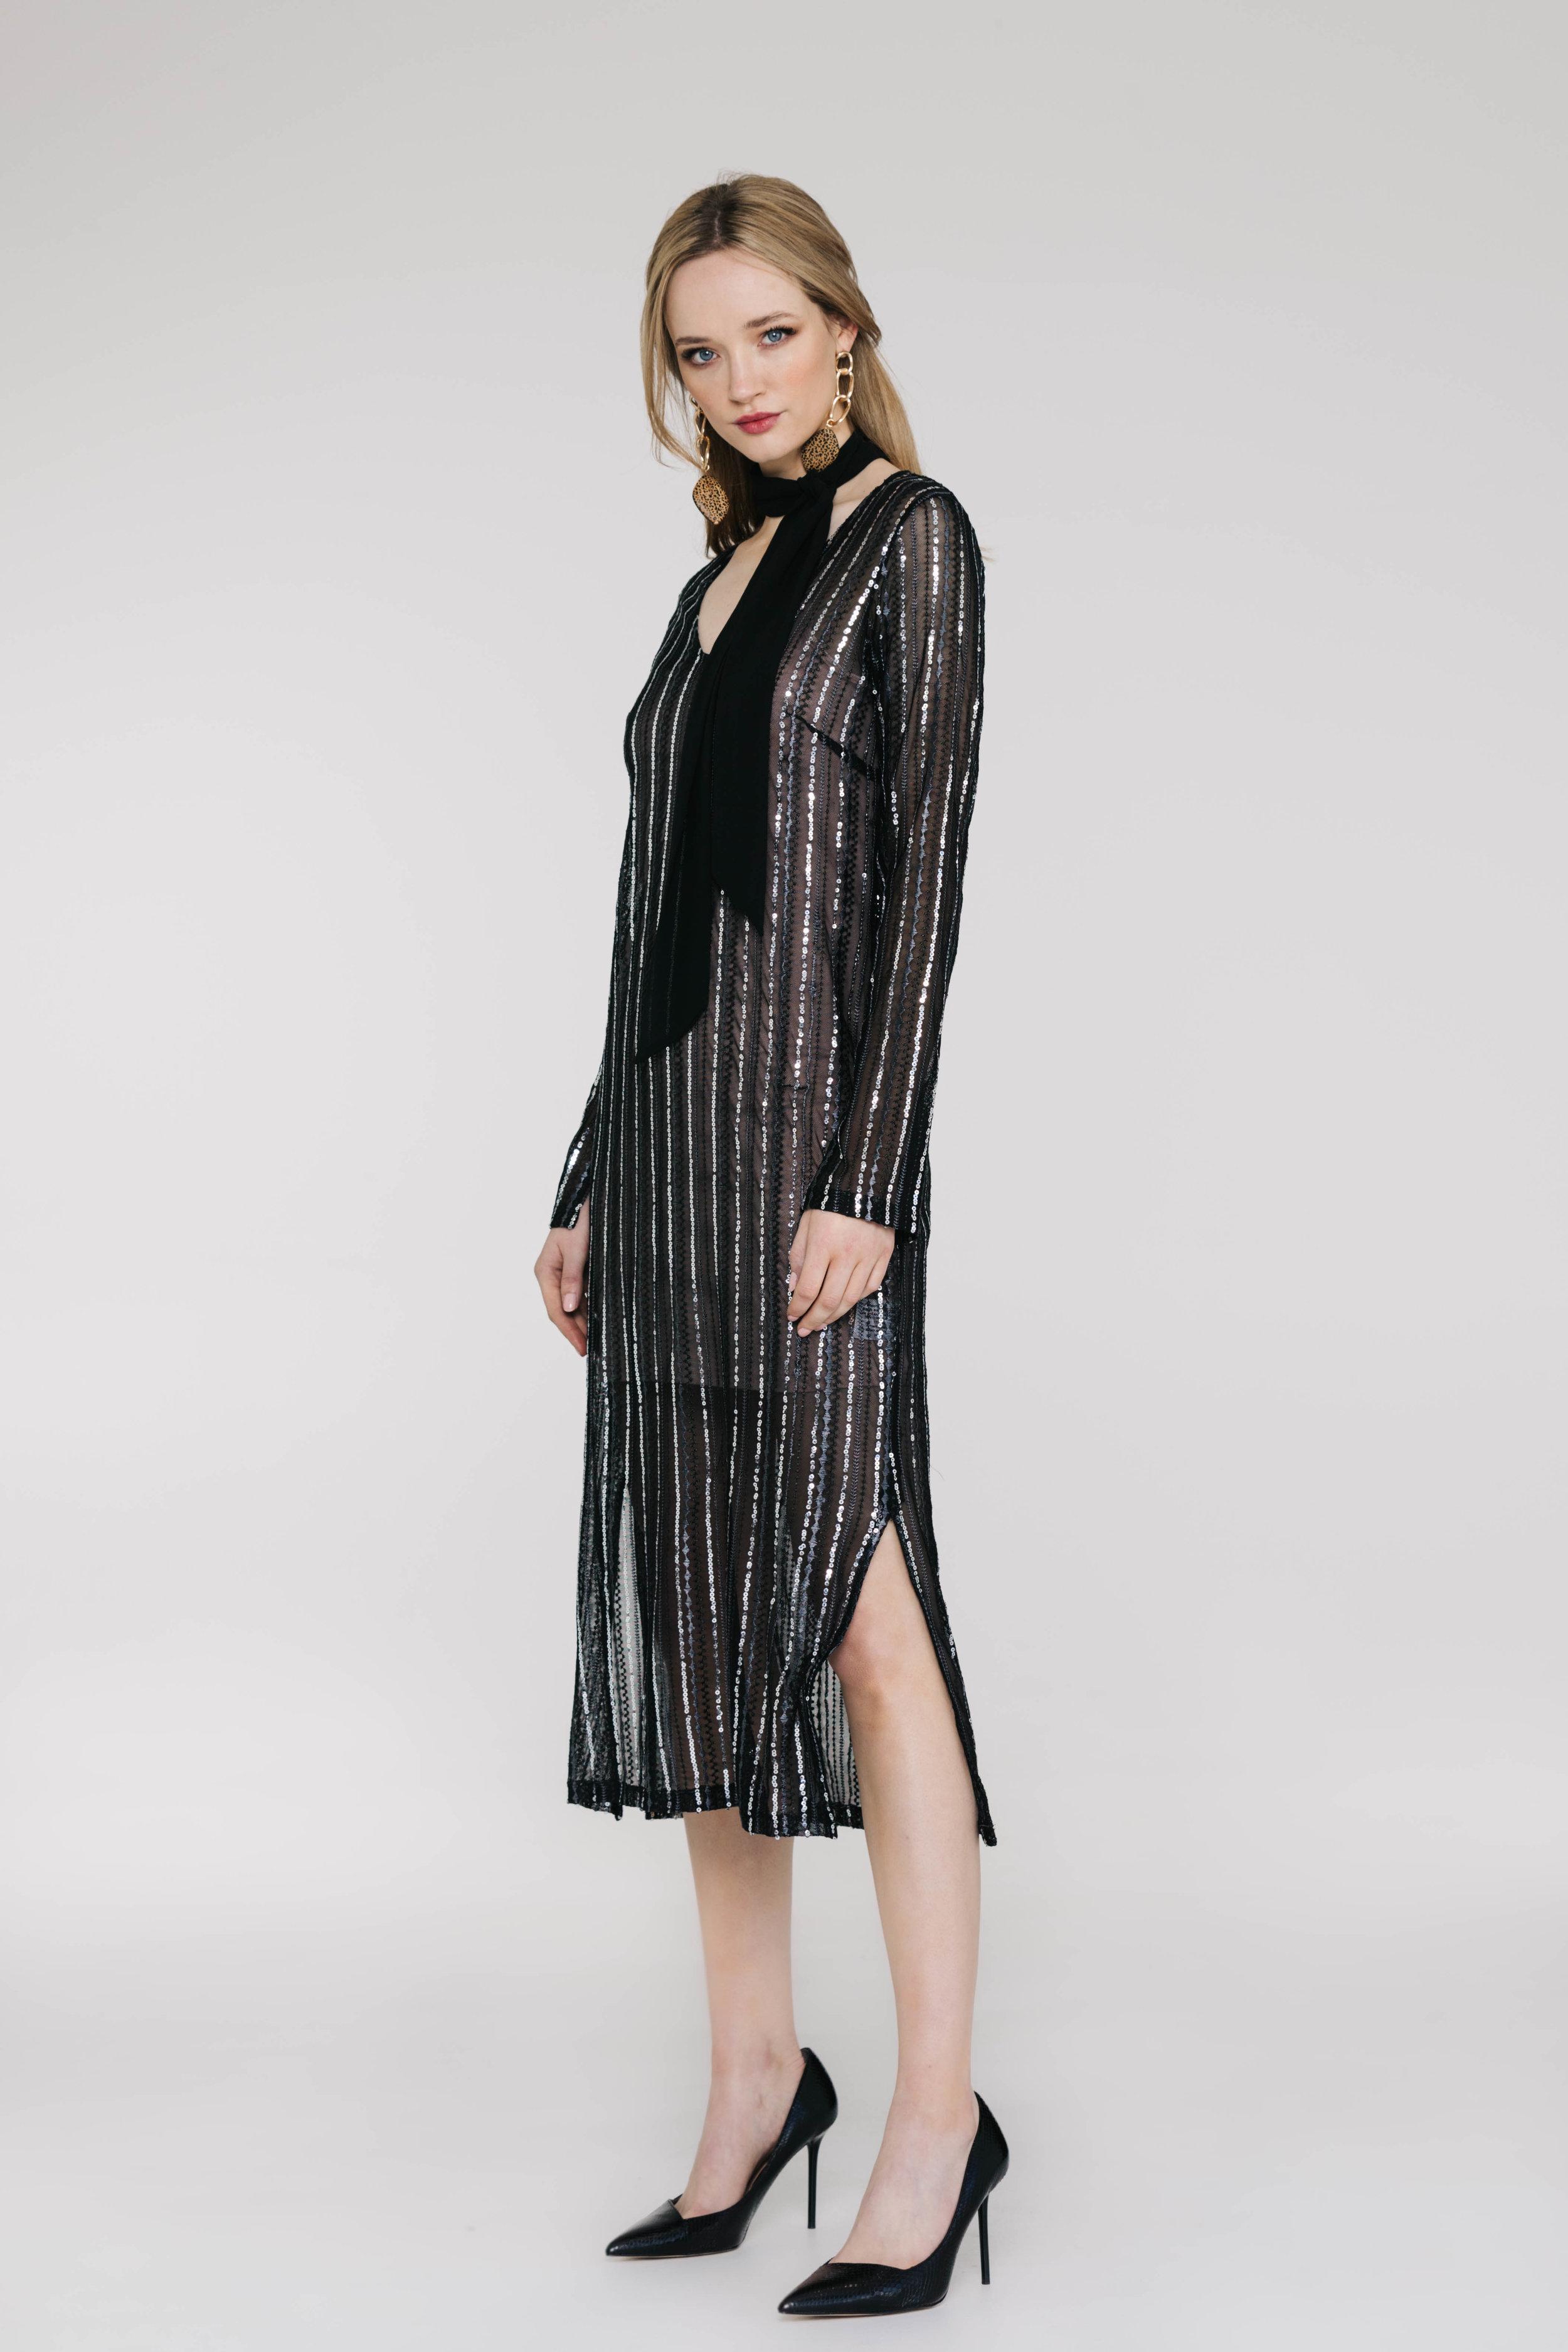 Gaga Dress 6517N Gatsby Knit Black